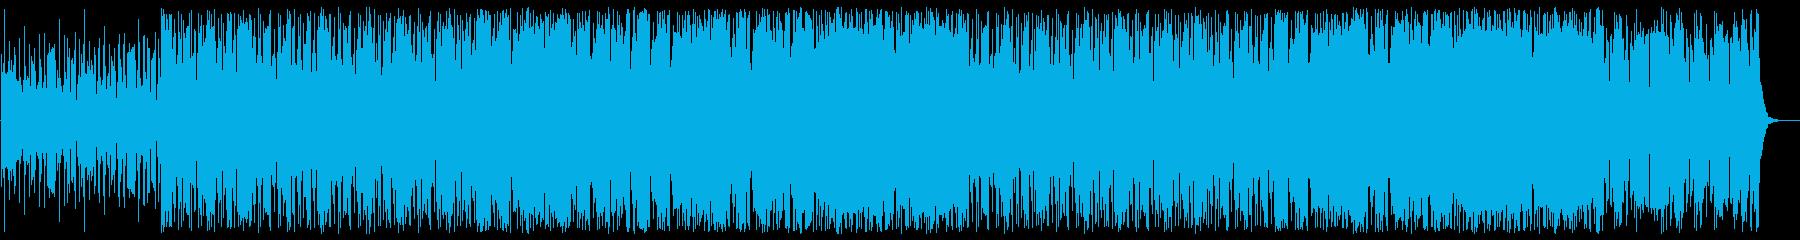 アダルトな1980年代風フュージョンの再生済みの波形